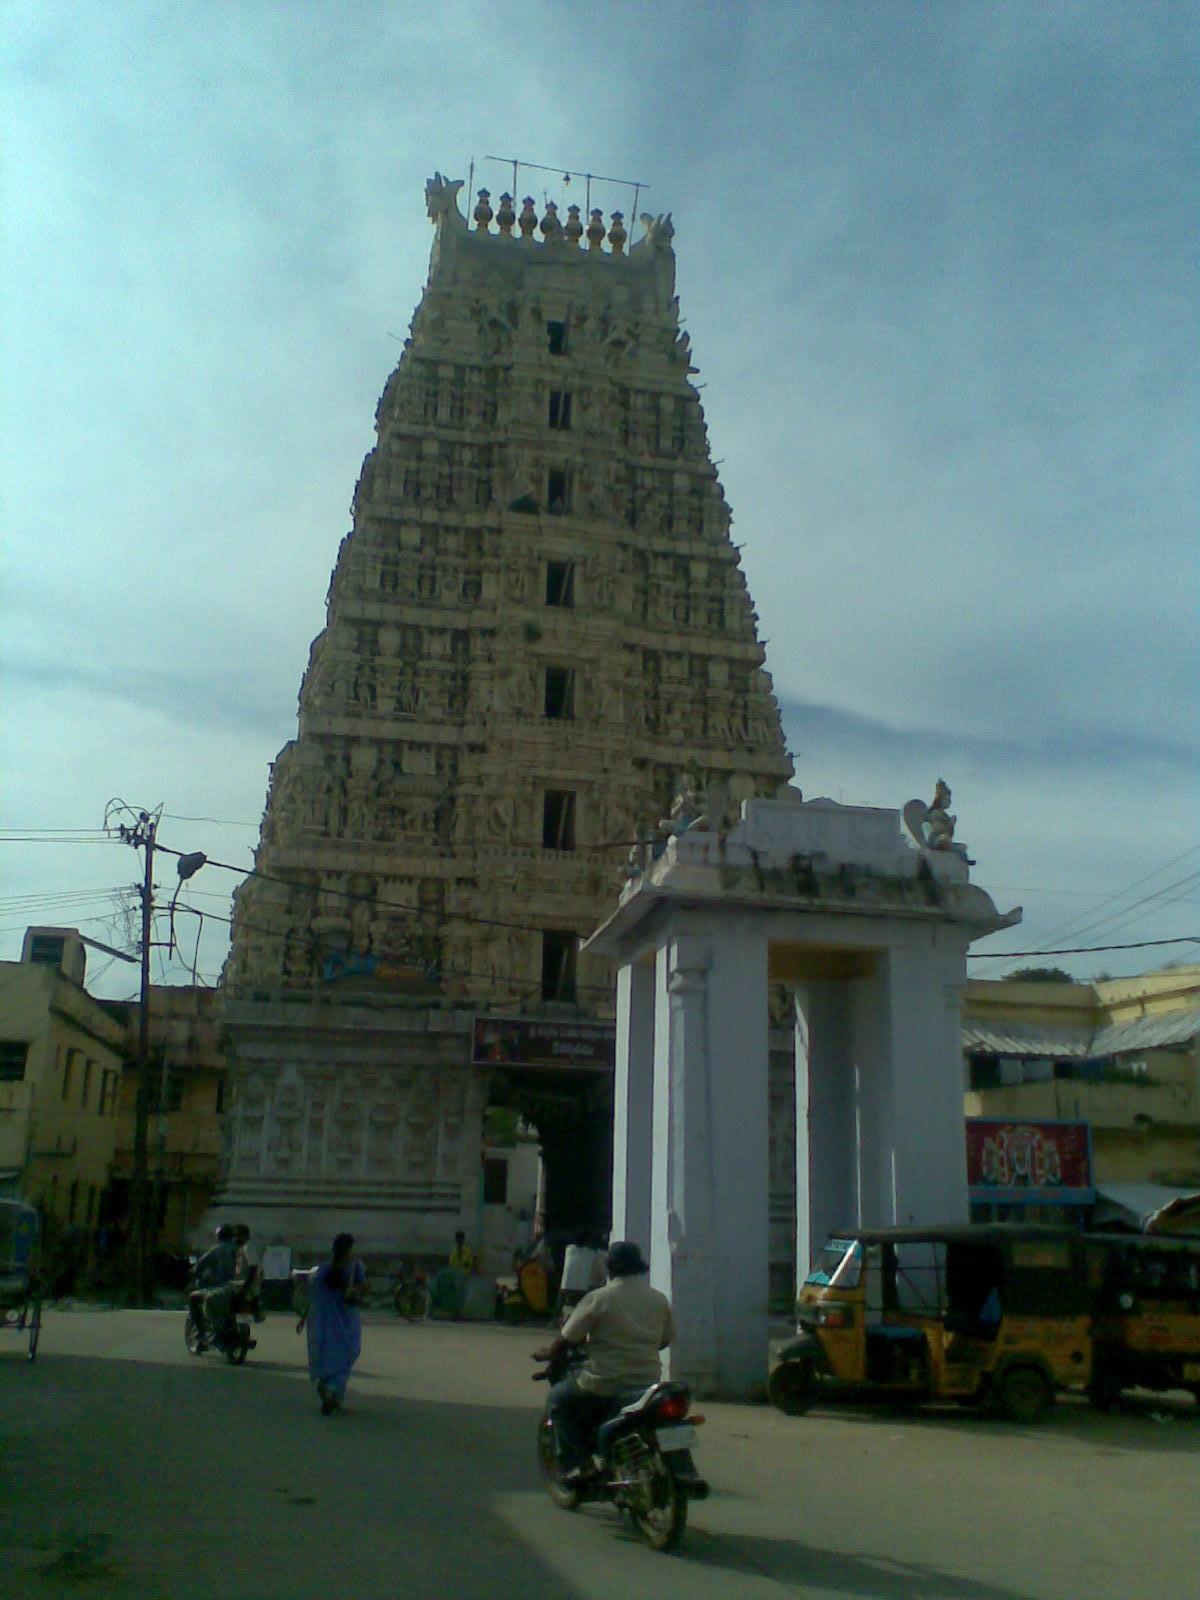 Temple Nellore Temple in Nellore